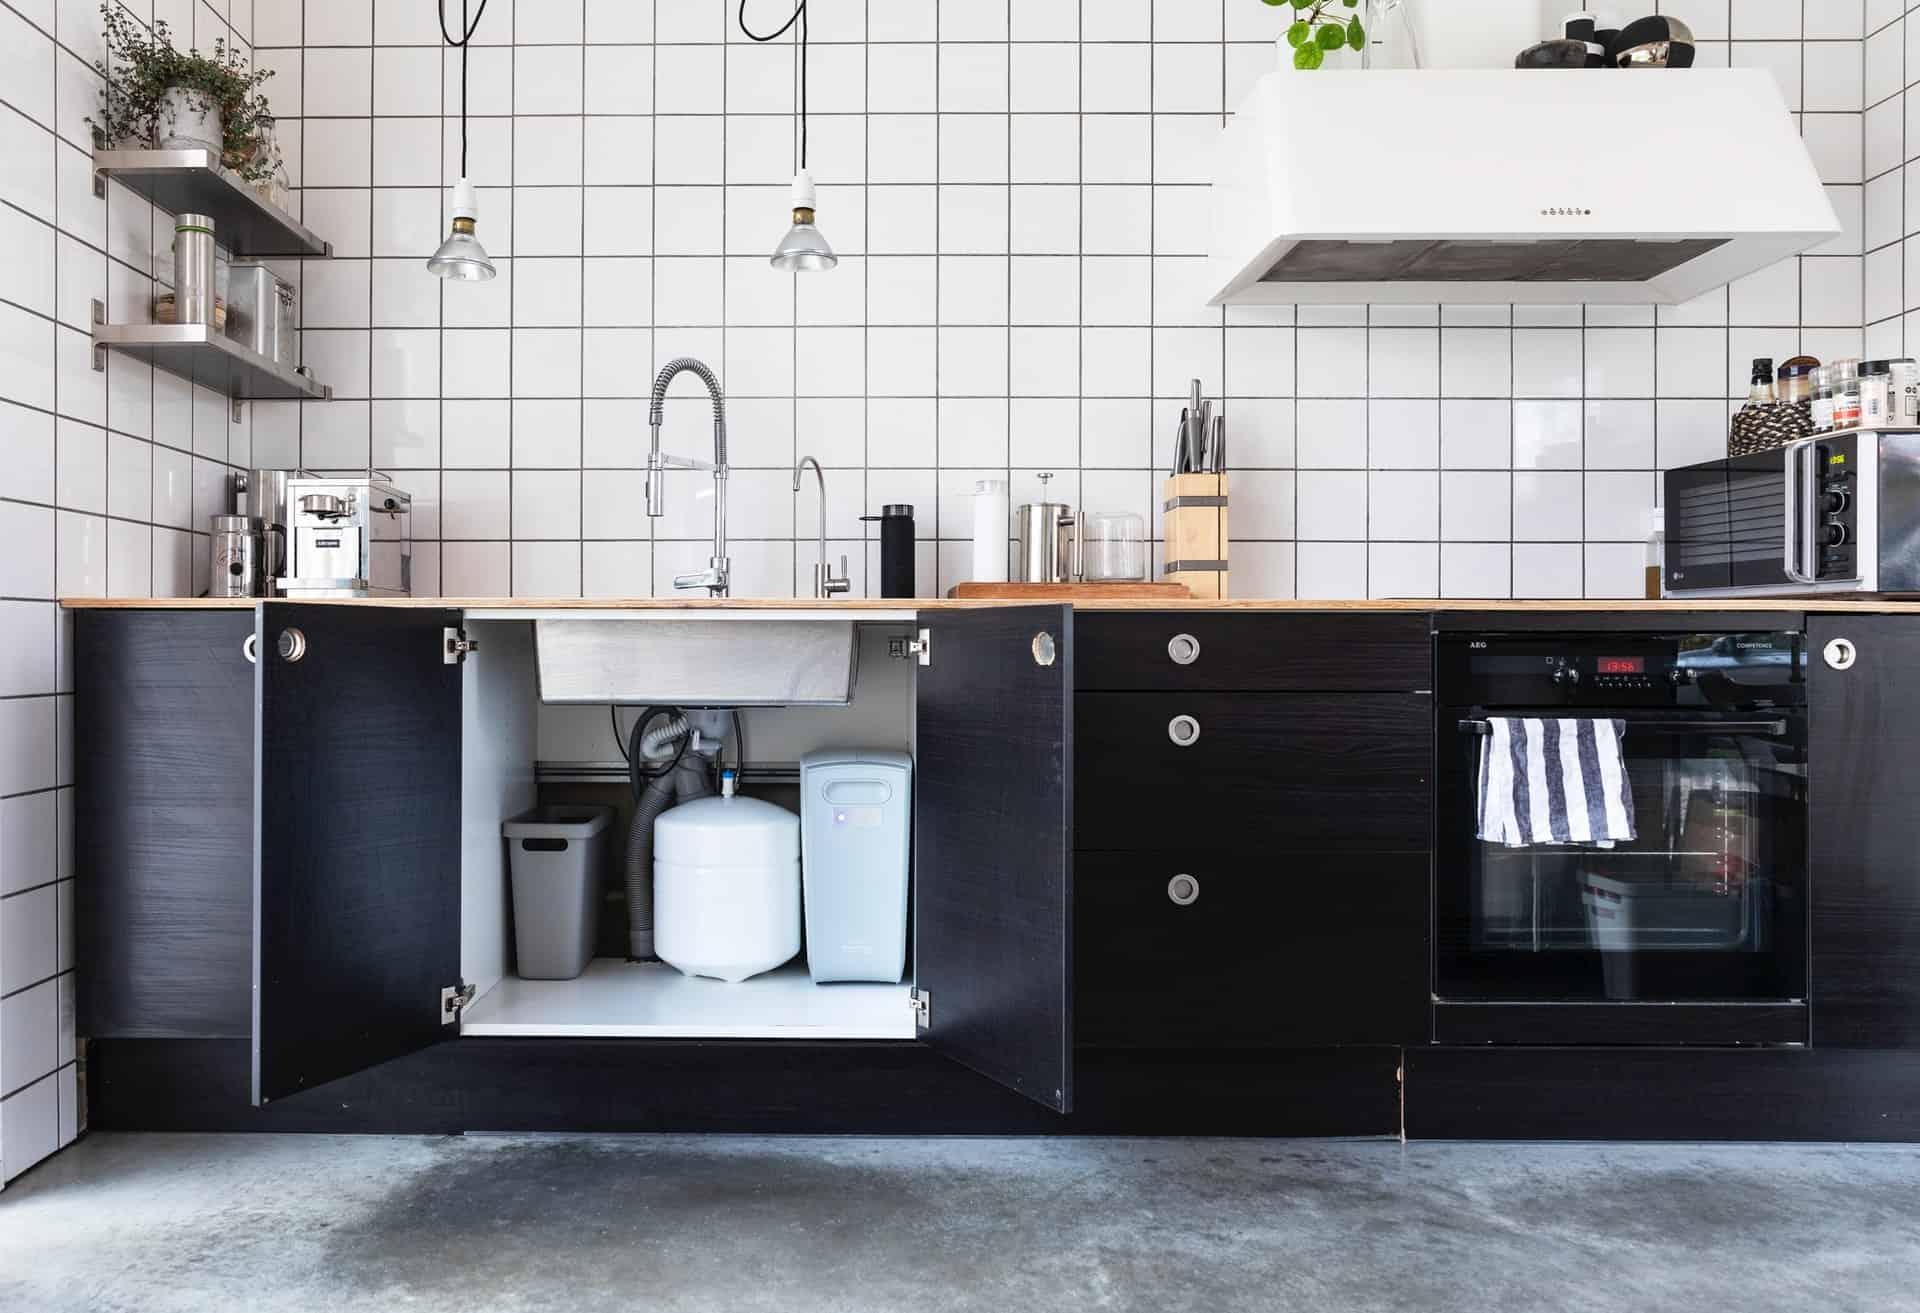 Garbage disposal under a kitchen sink in a clean kitchen